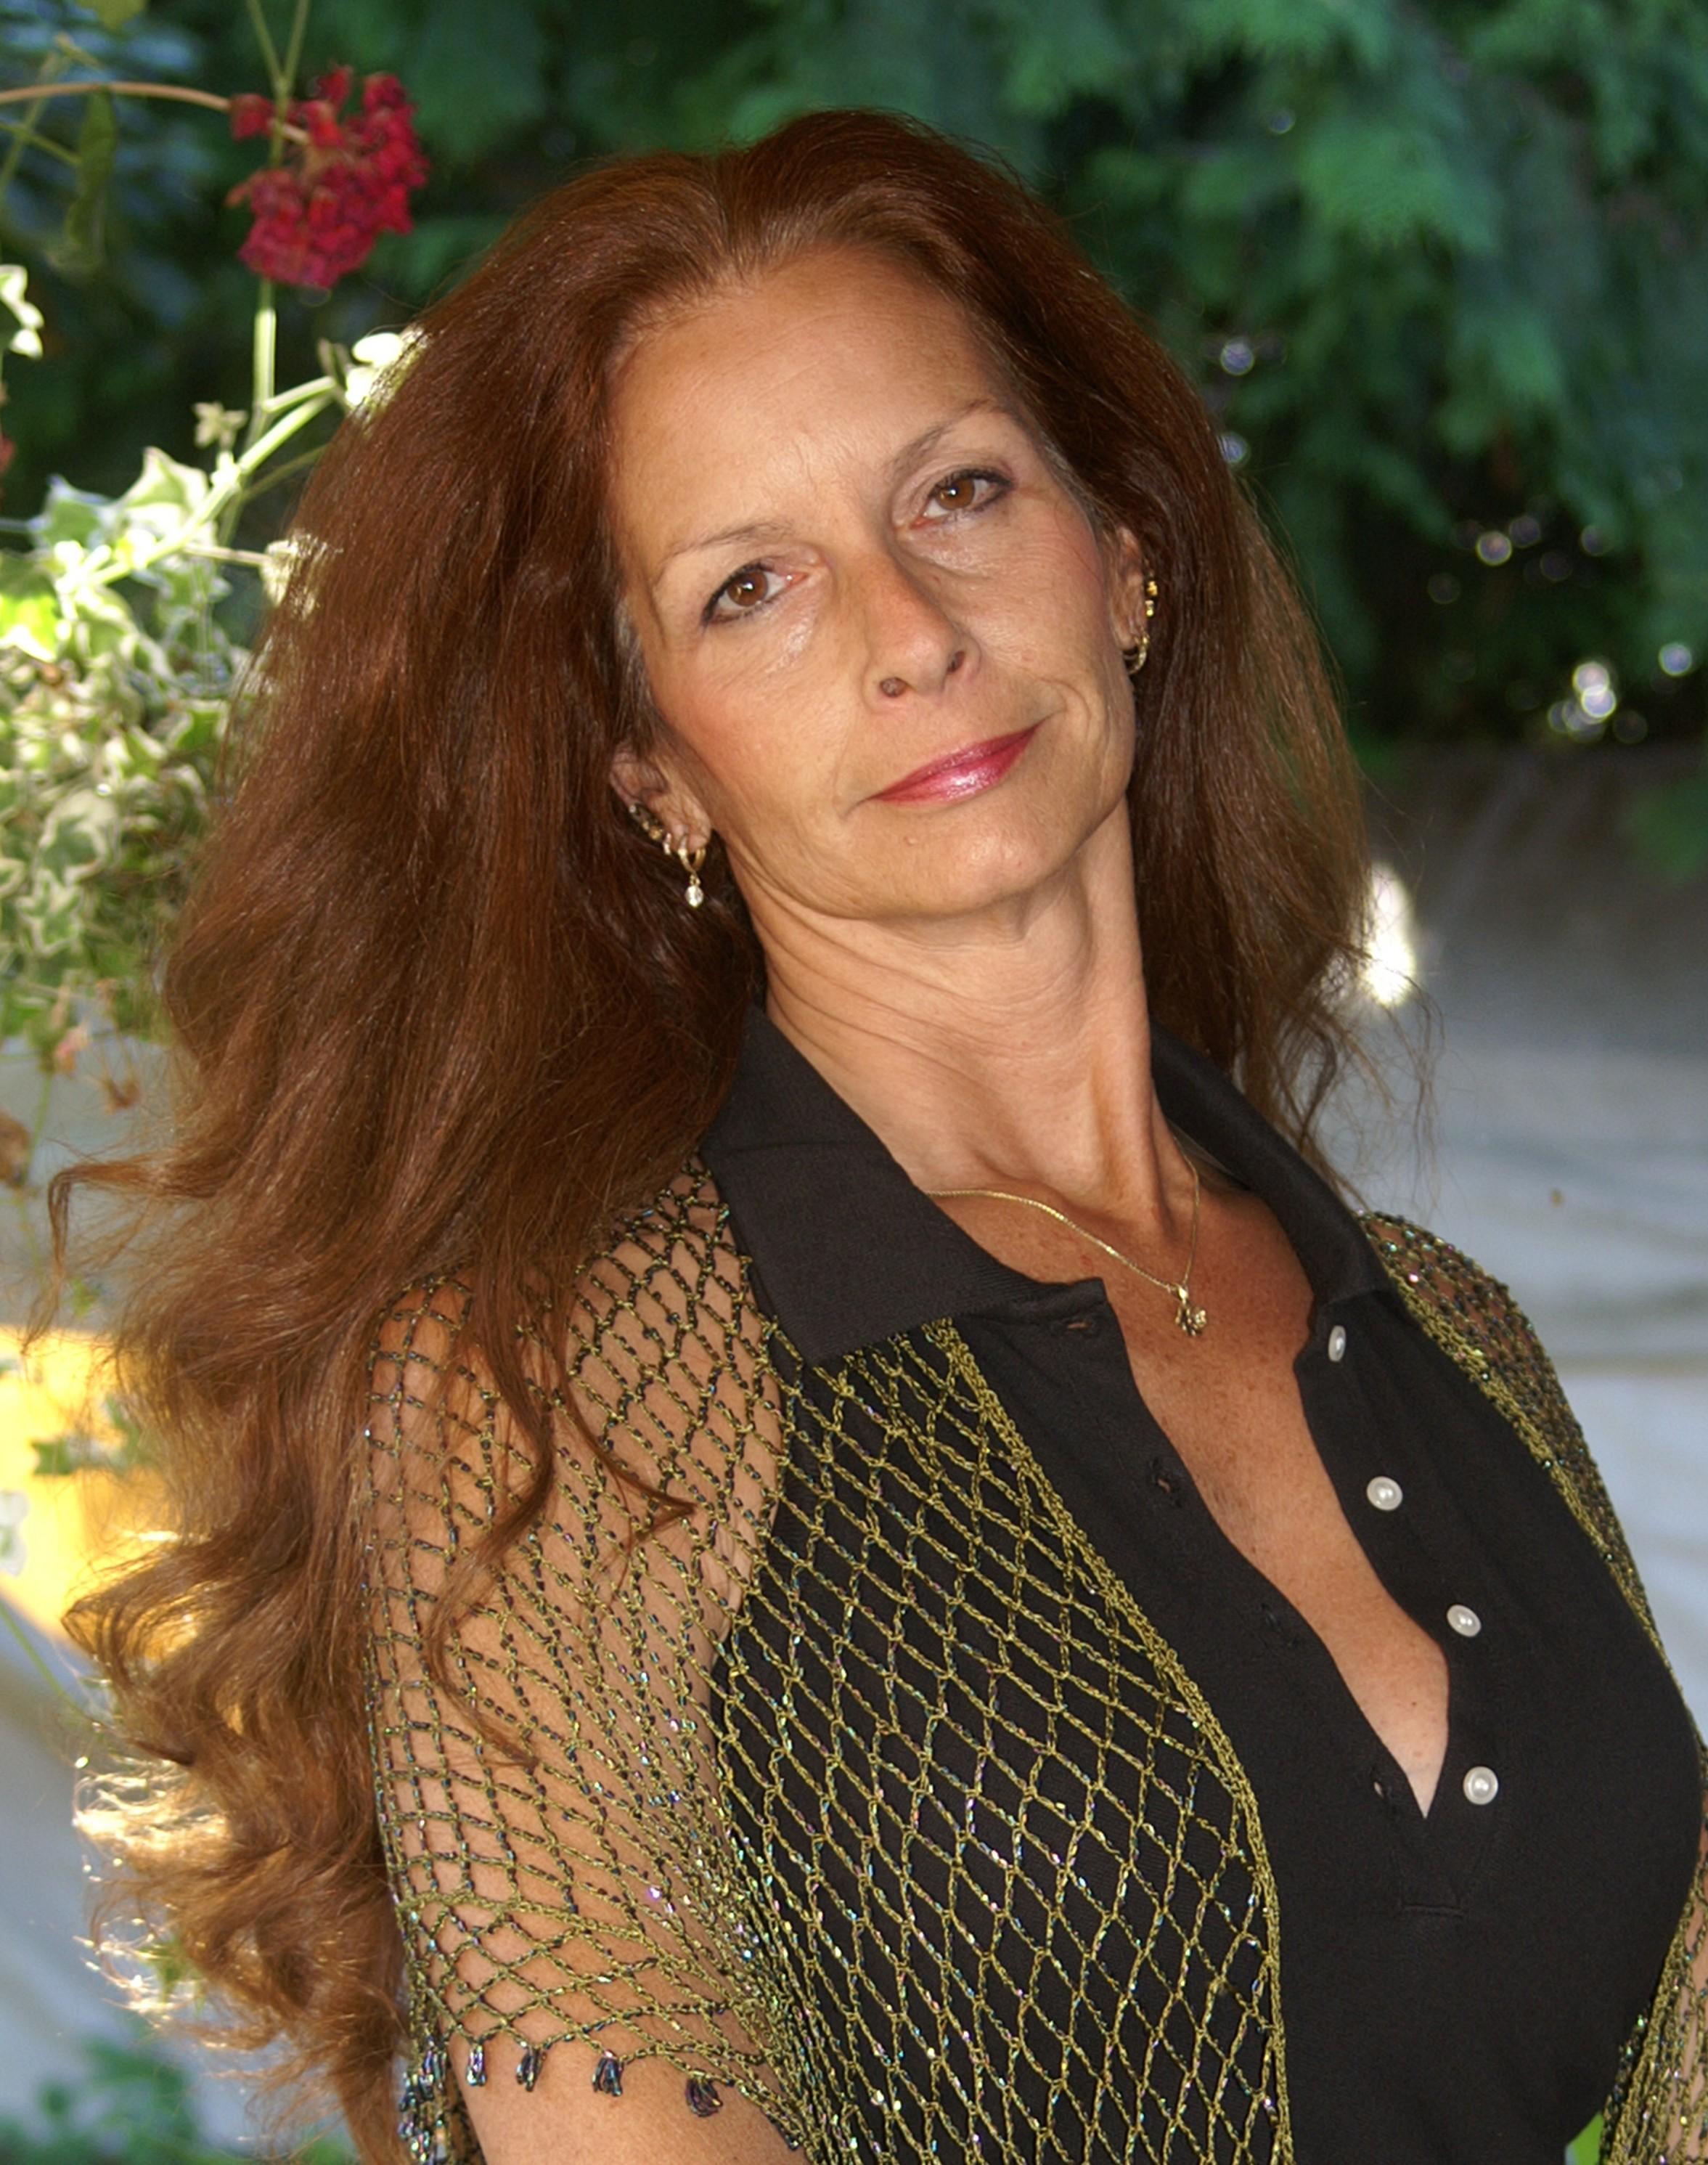 Julie A Sparowgrove